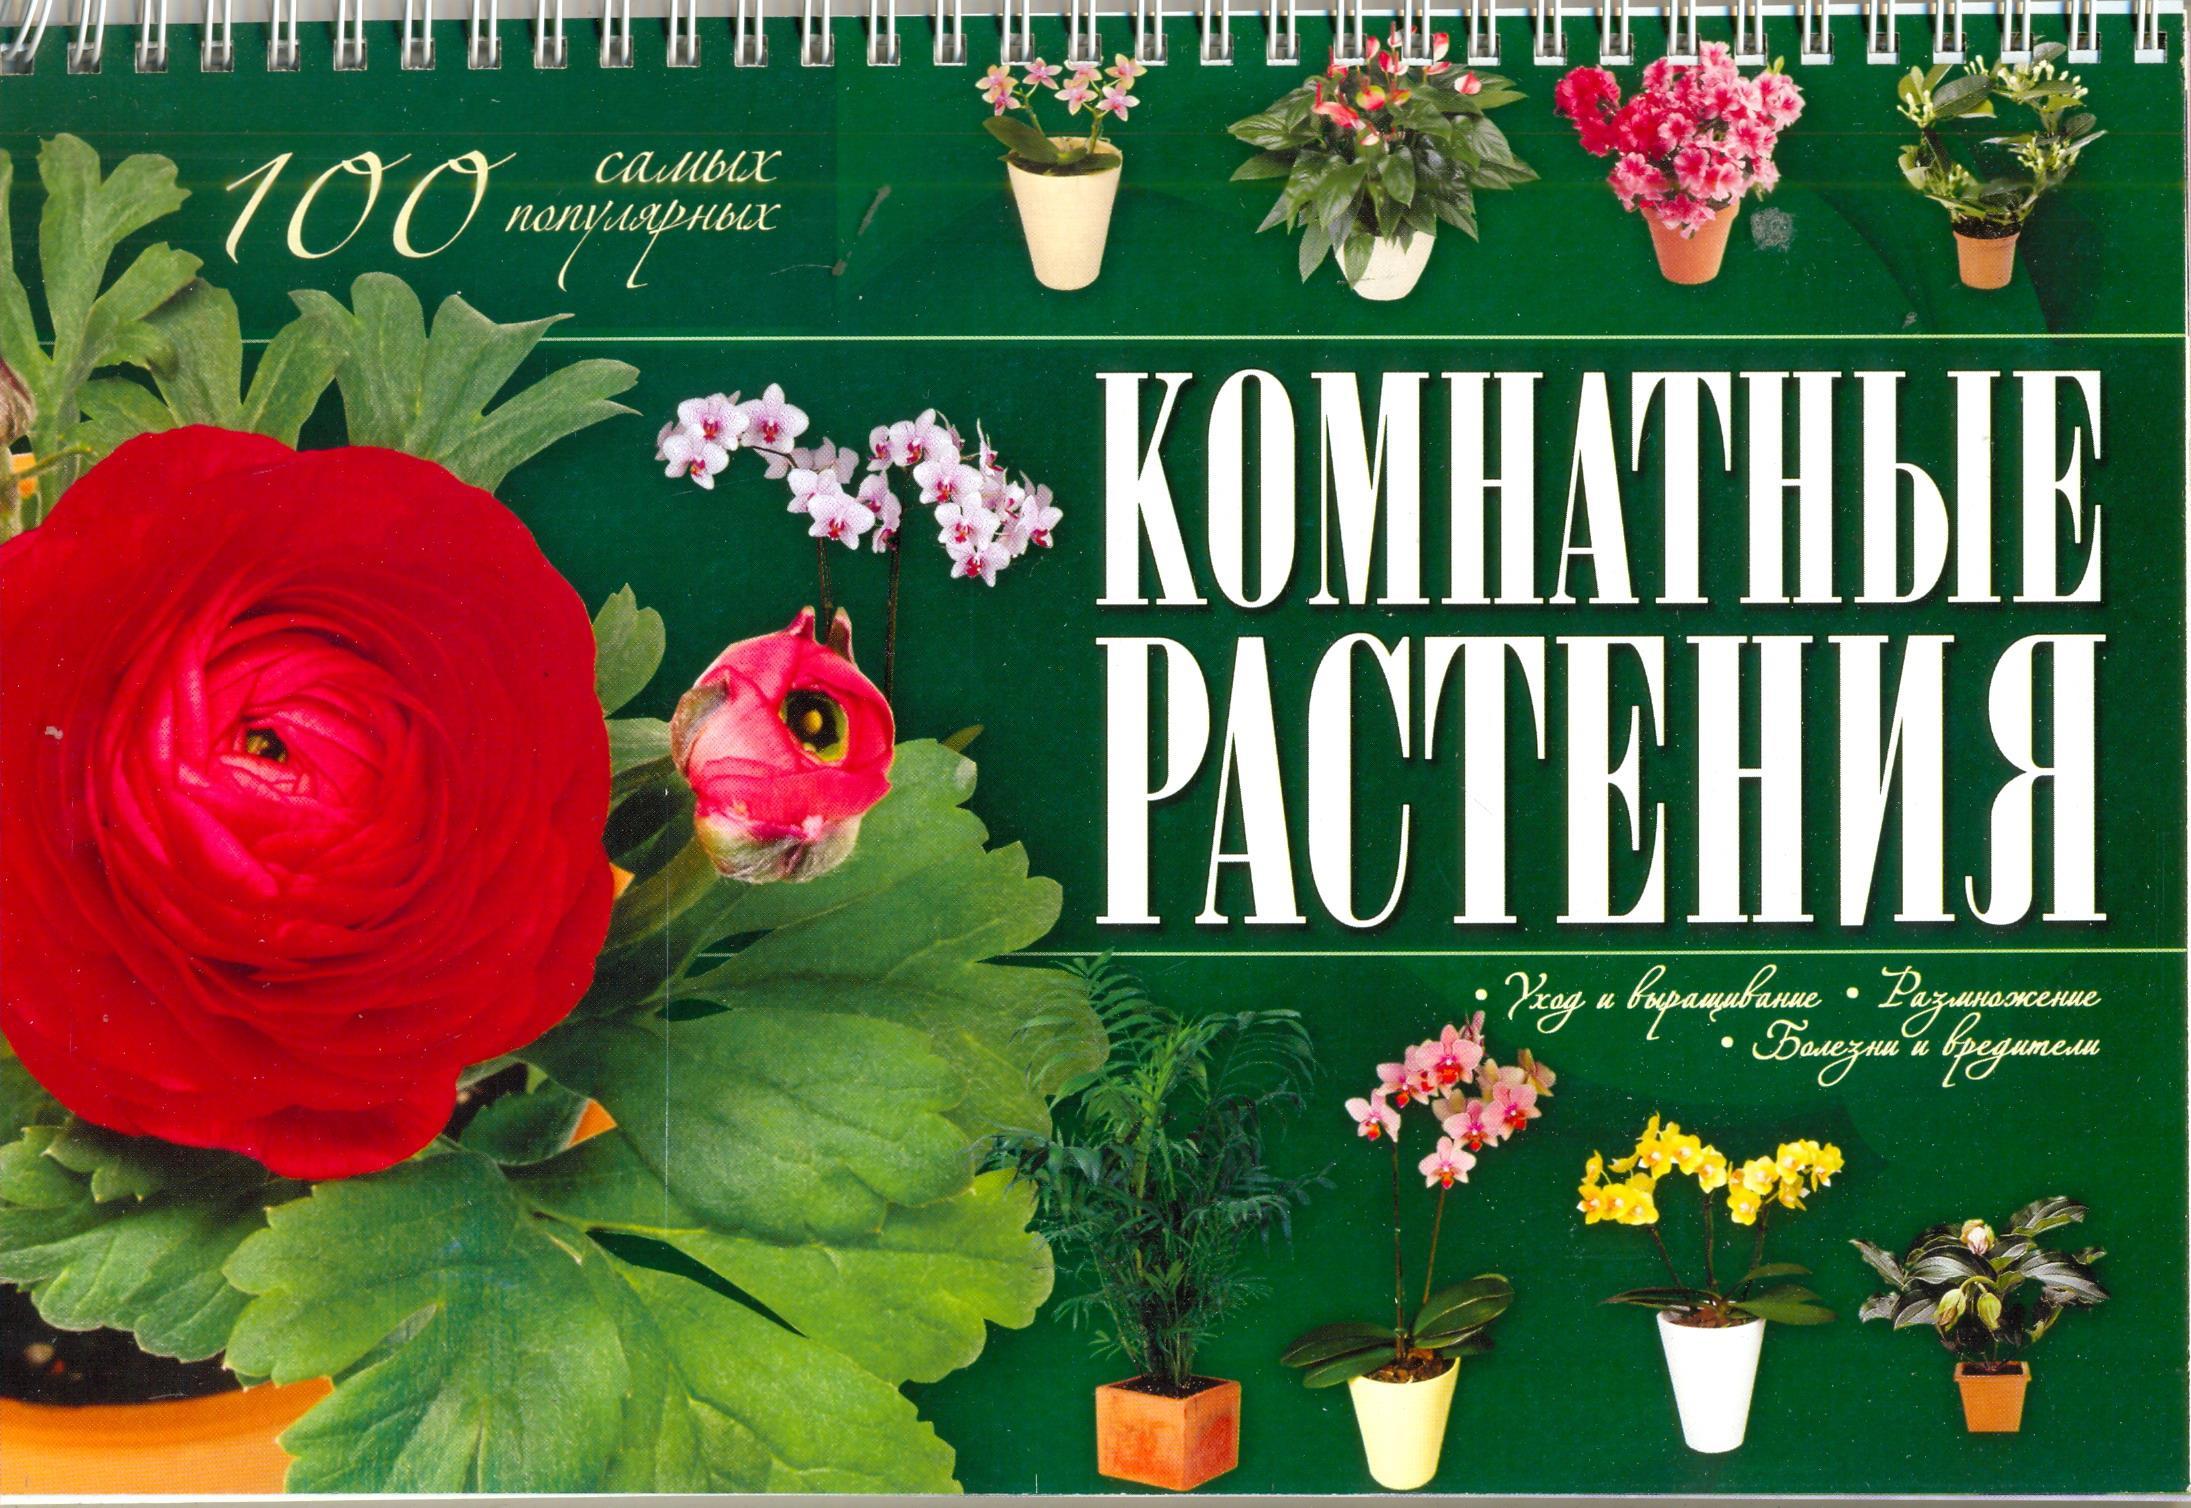 Комнатные растения. 100 самых популярных. Уход и выращивание, размножение, болезни и вредители